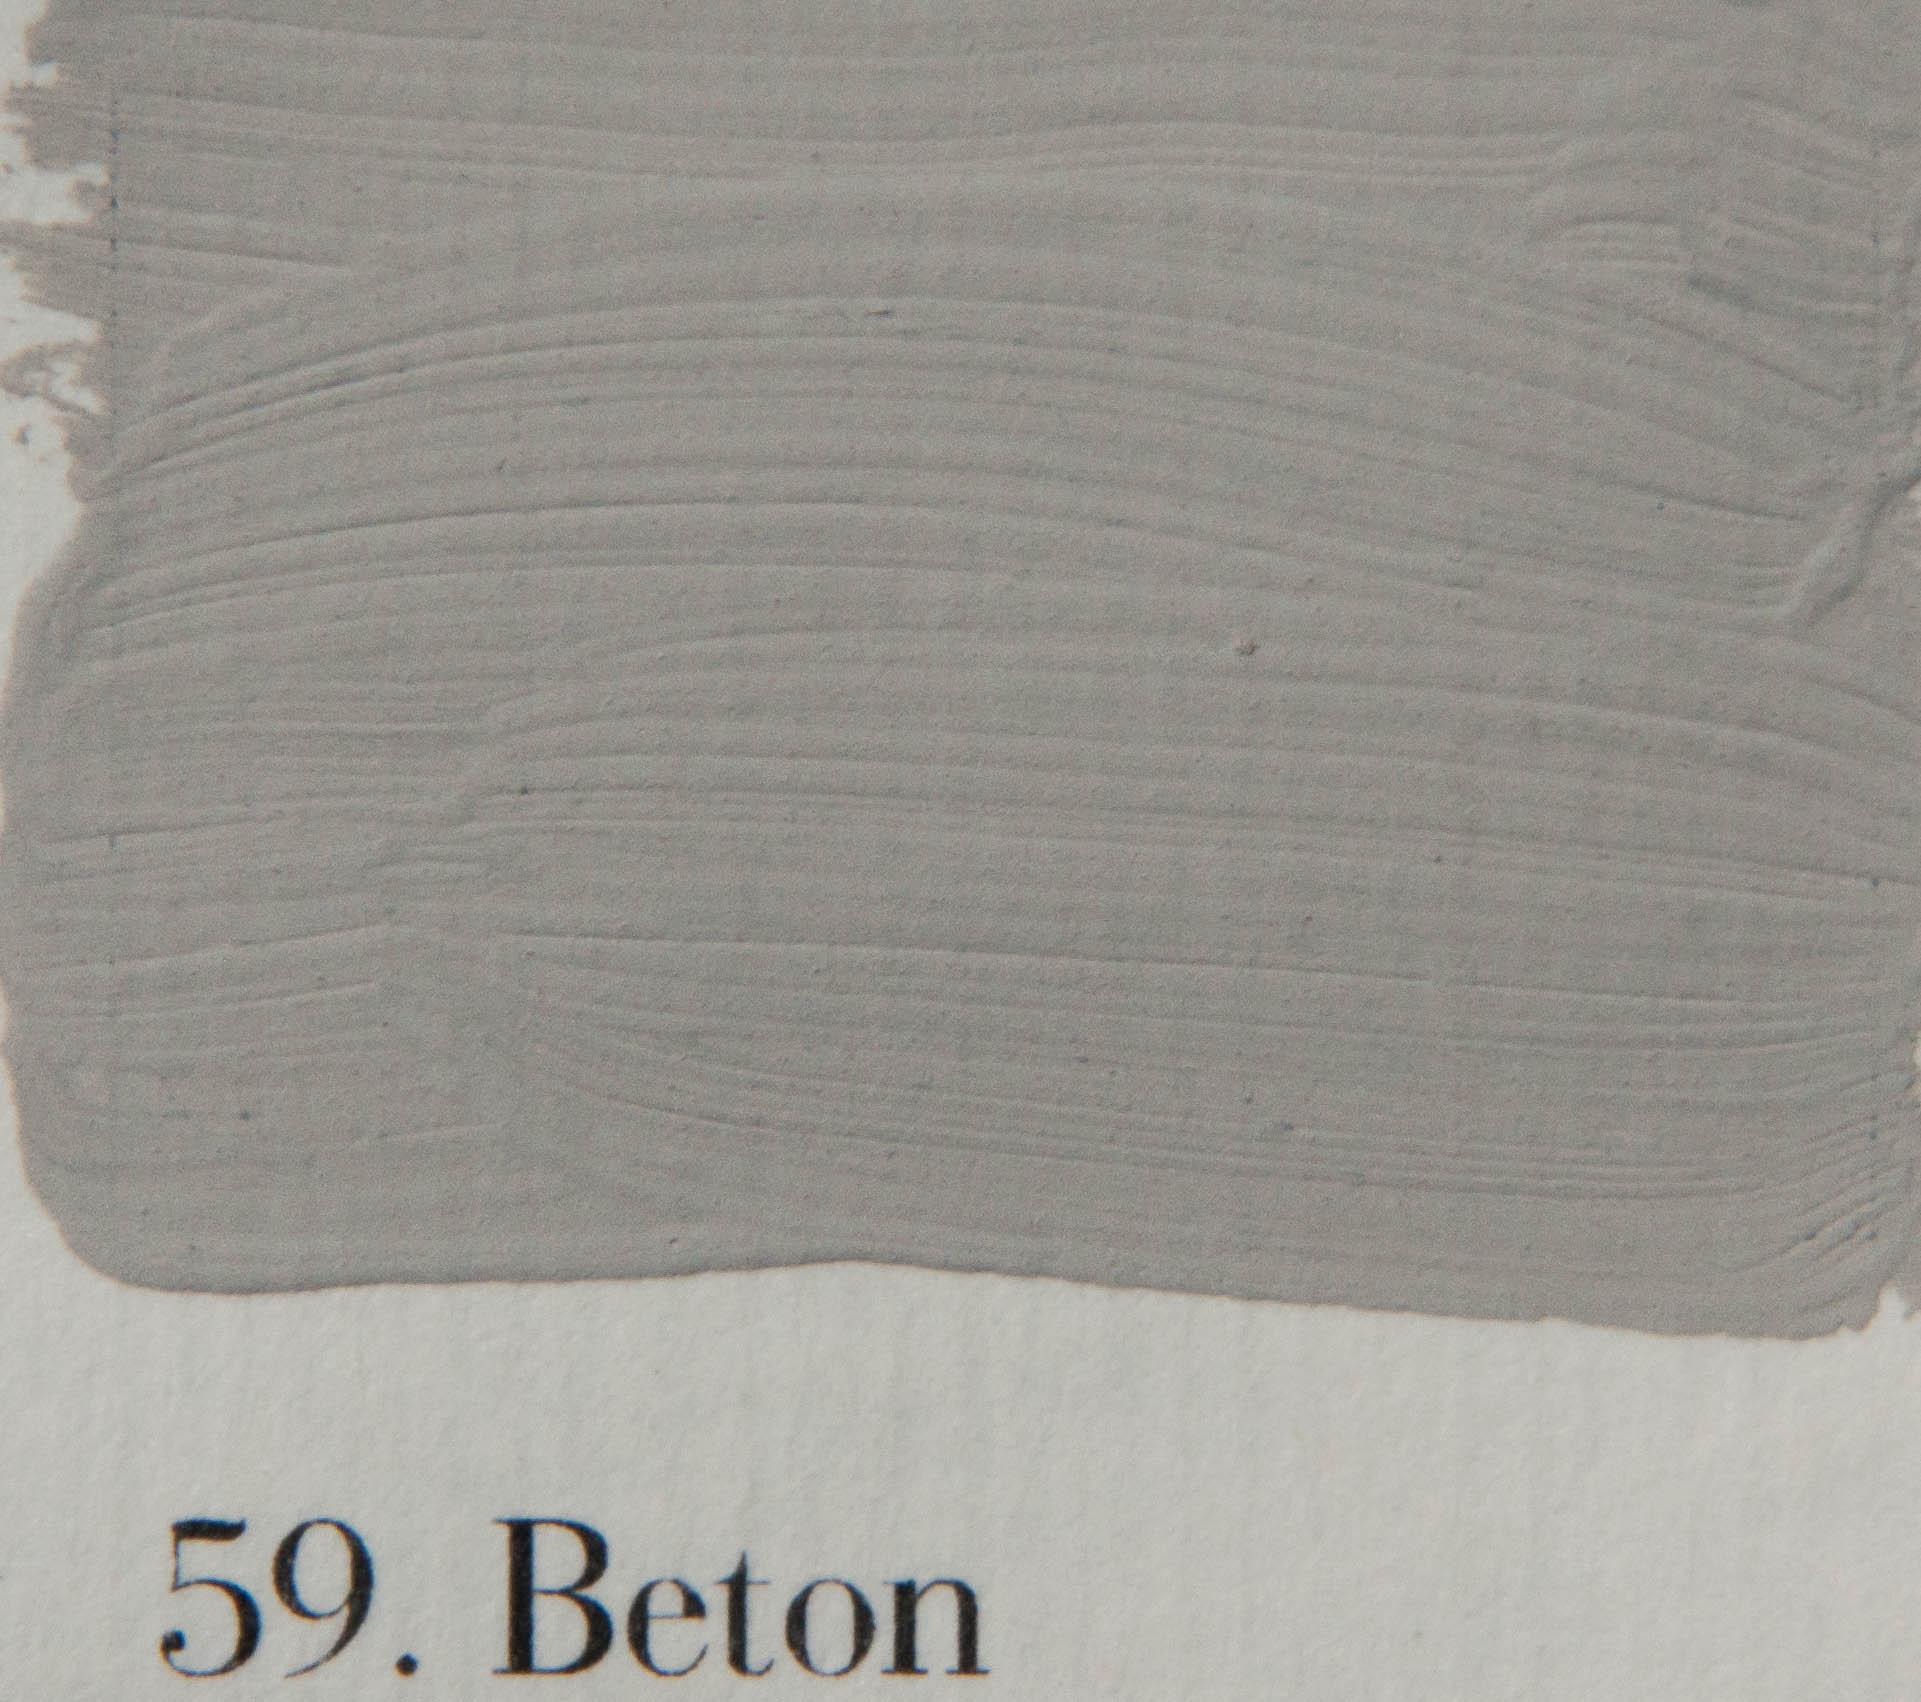 'l Authentique krijtverf 59. Beton